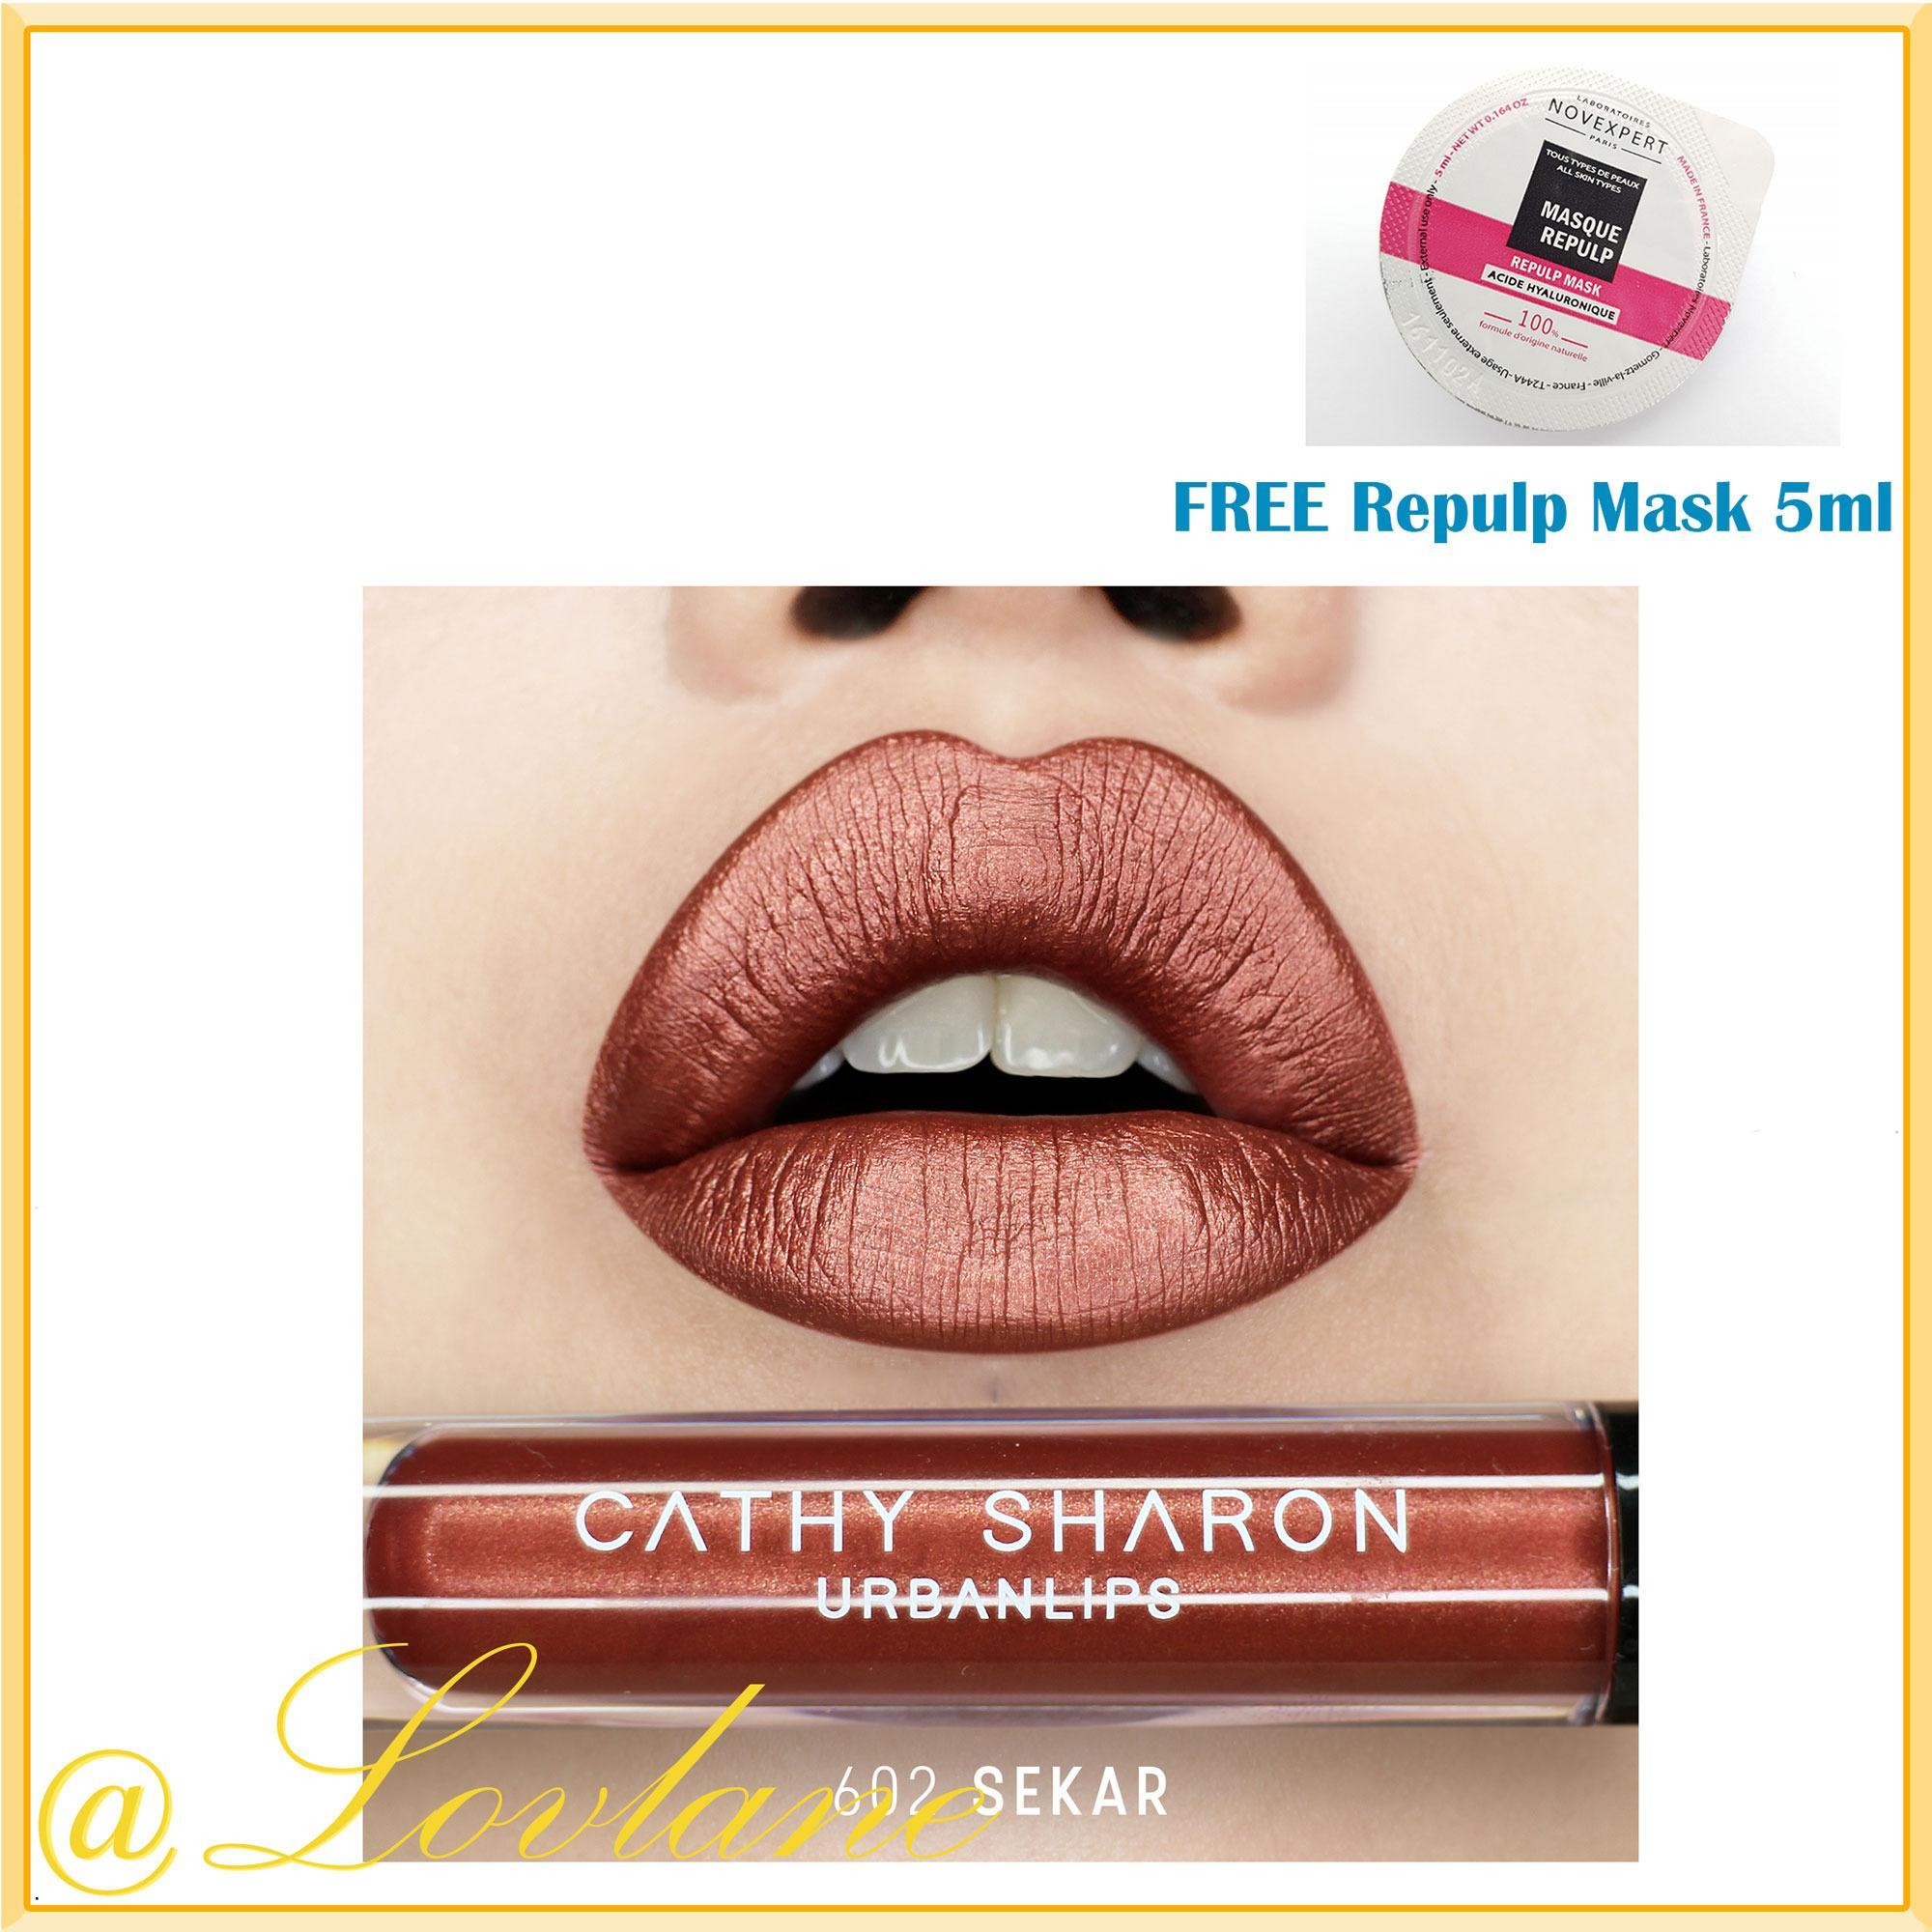 Spesifikasi Cathy Sharon Urbanlips 602 Sekar Original Terbaru